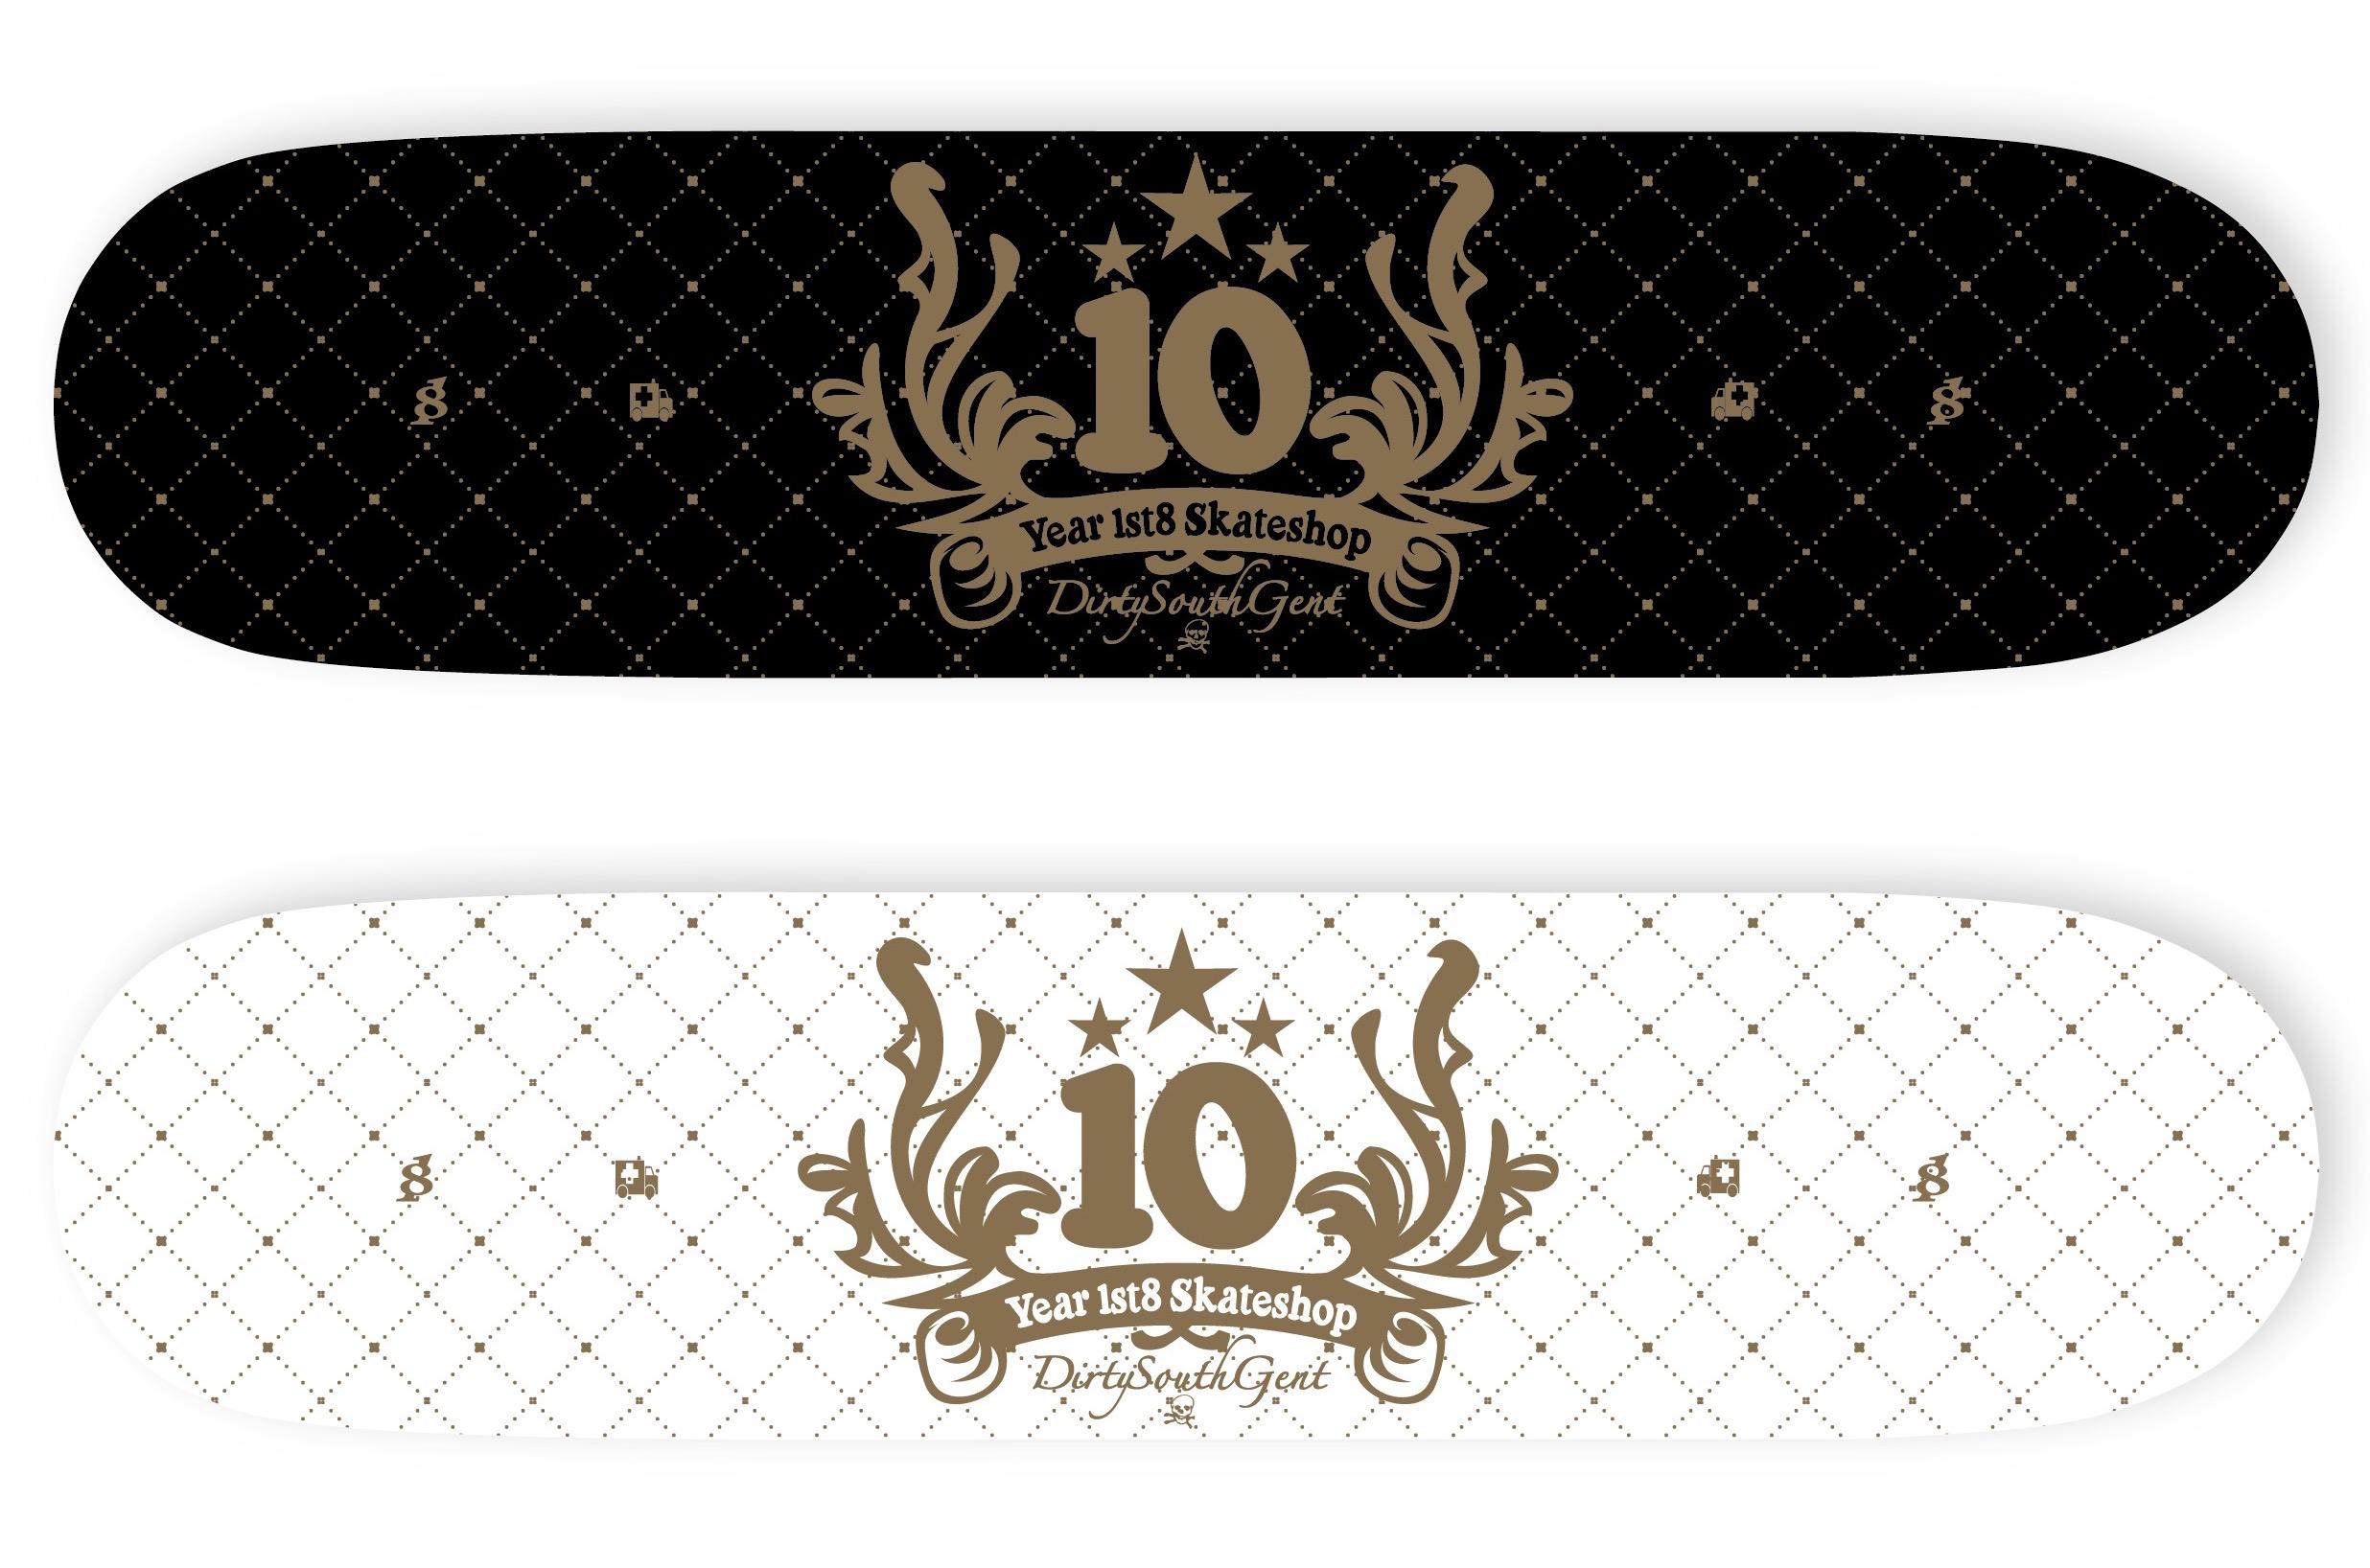 1st8 Skateshop